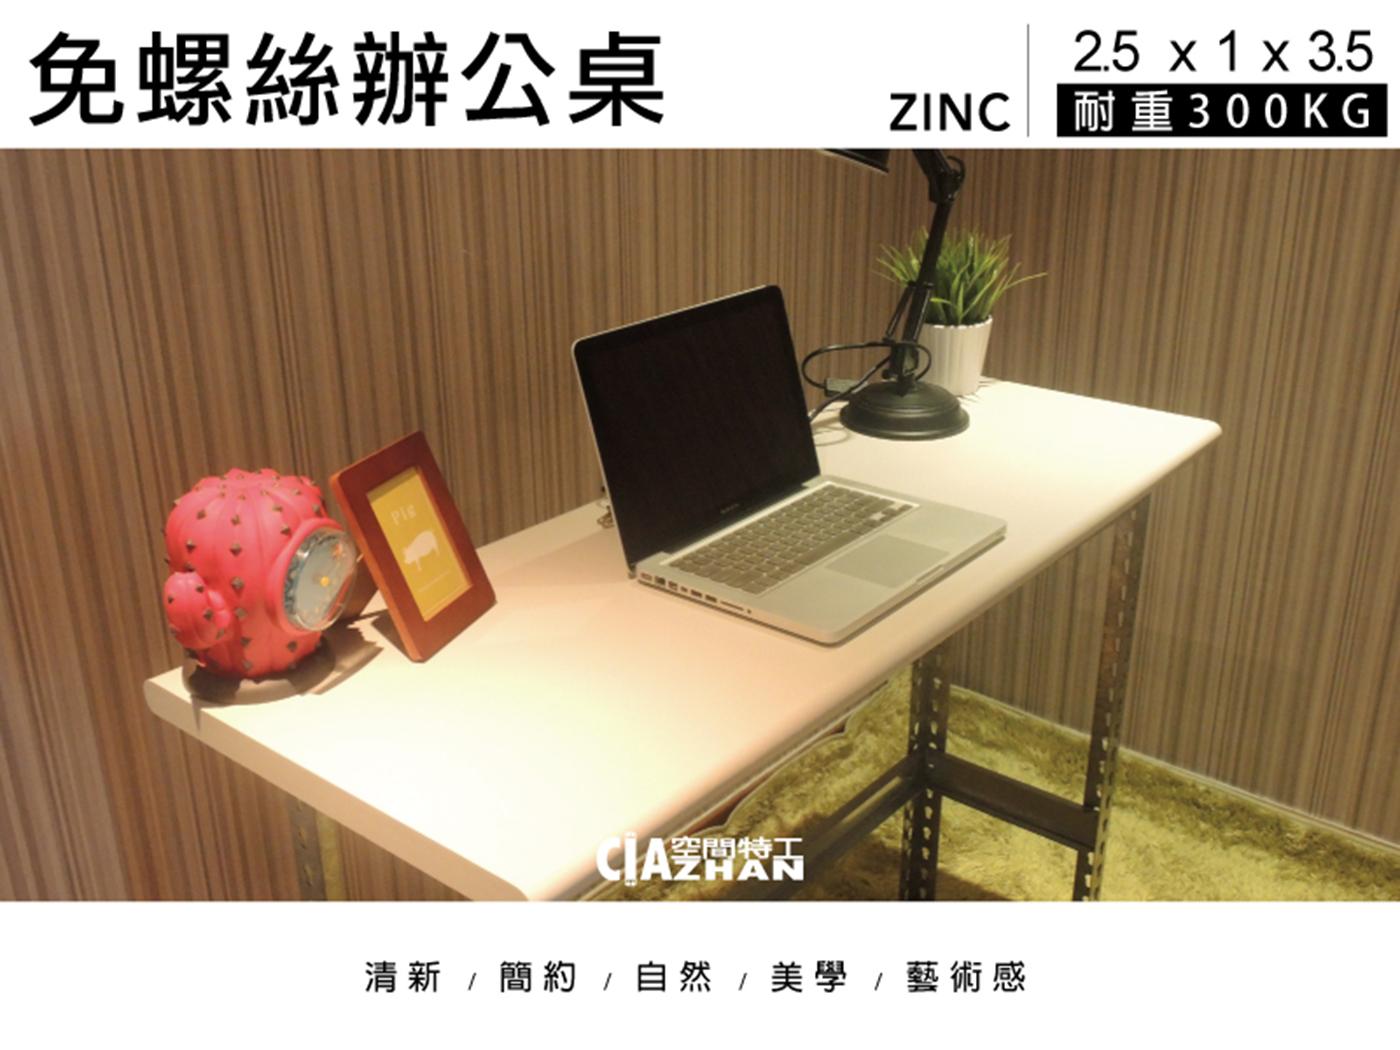 電腦桌♞空間特工♞OA辦公桌(雪白桌板120x45cm,高密度塑合板 抗刮耐磨)鍍鋅角鋼桌 書桌 茶几桌 免運費